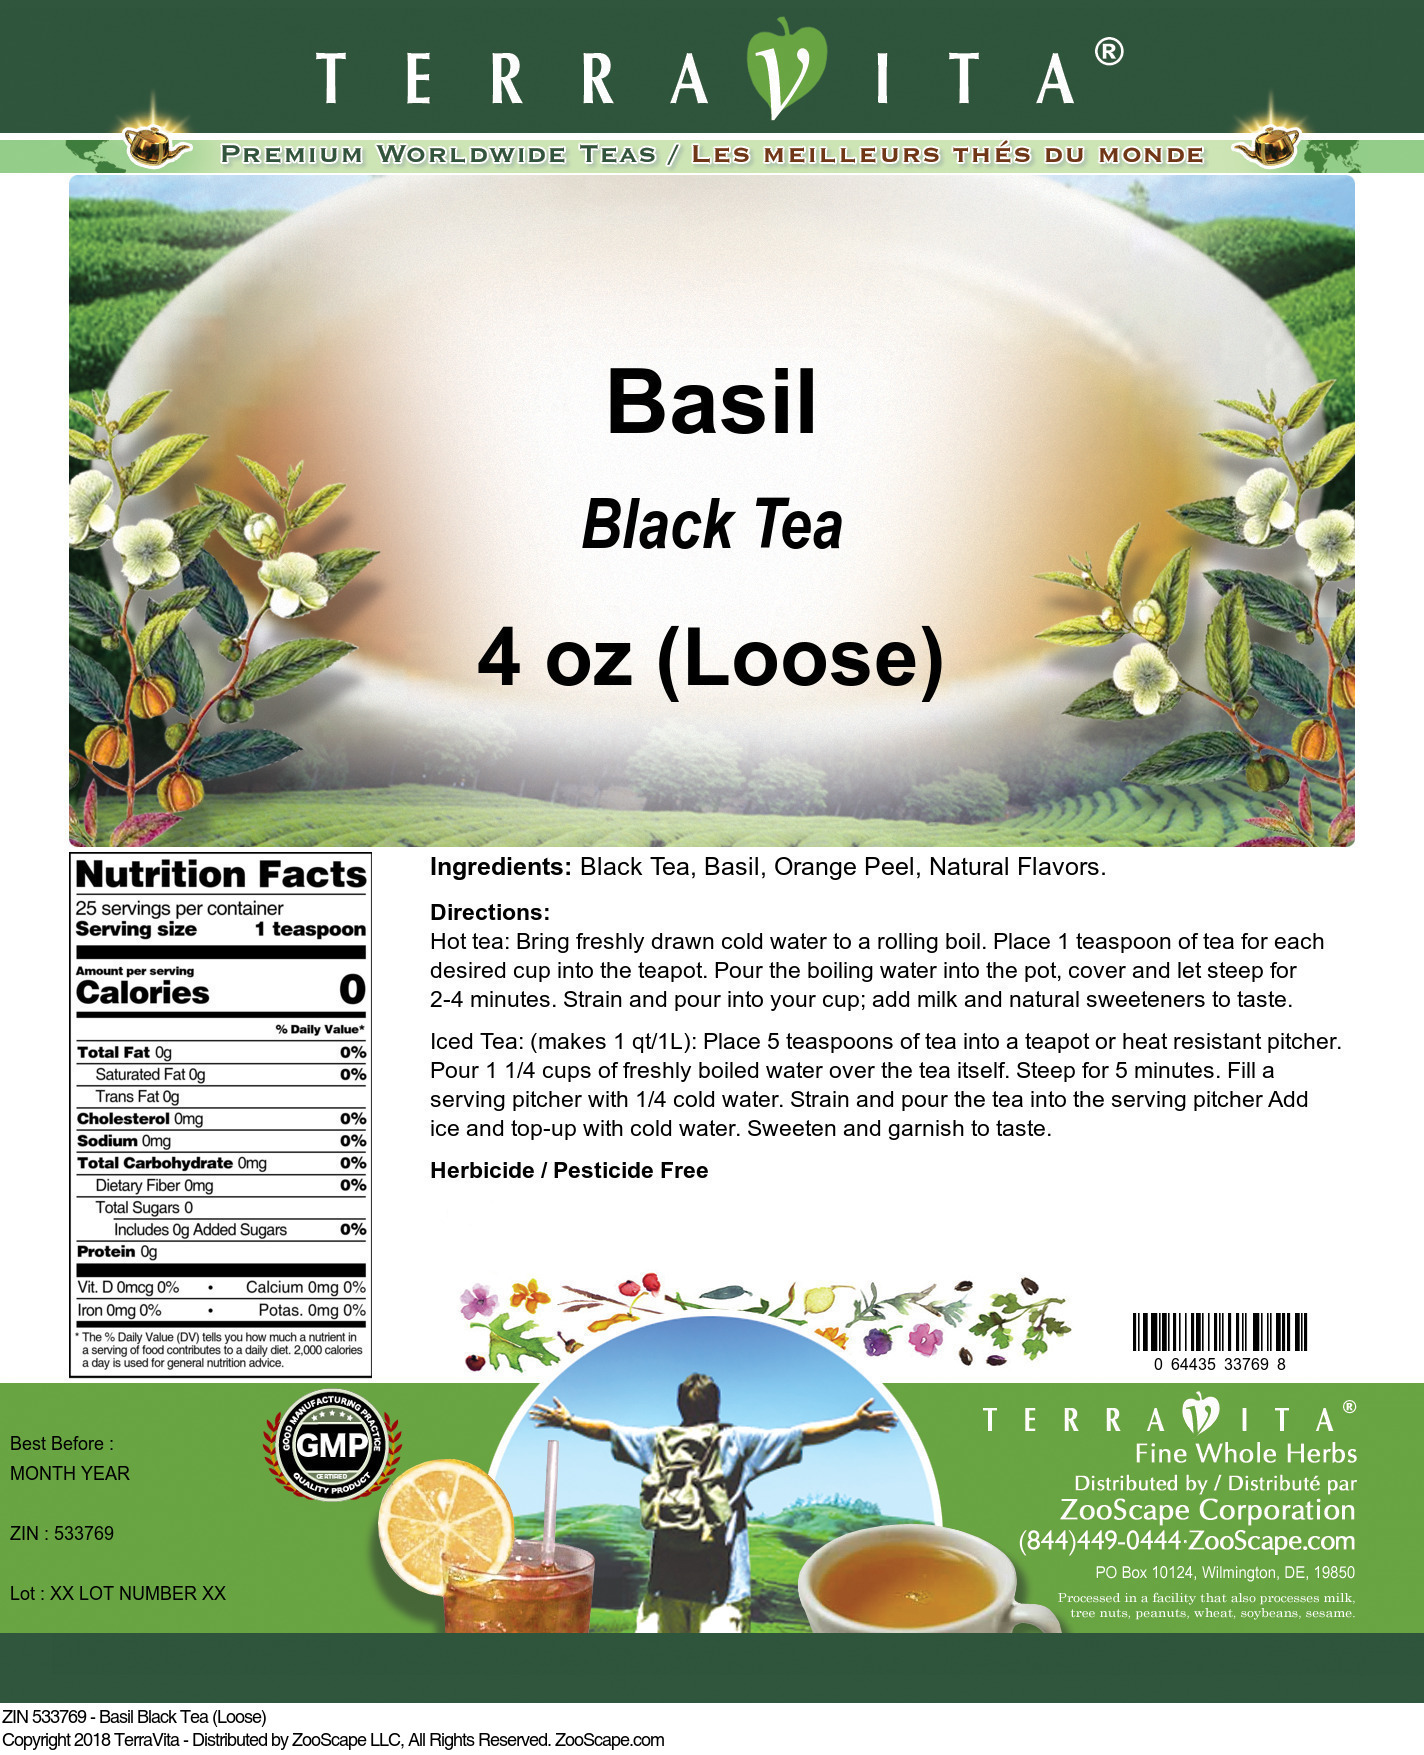 Basil Black Tea (Loose)